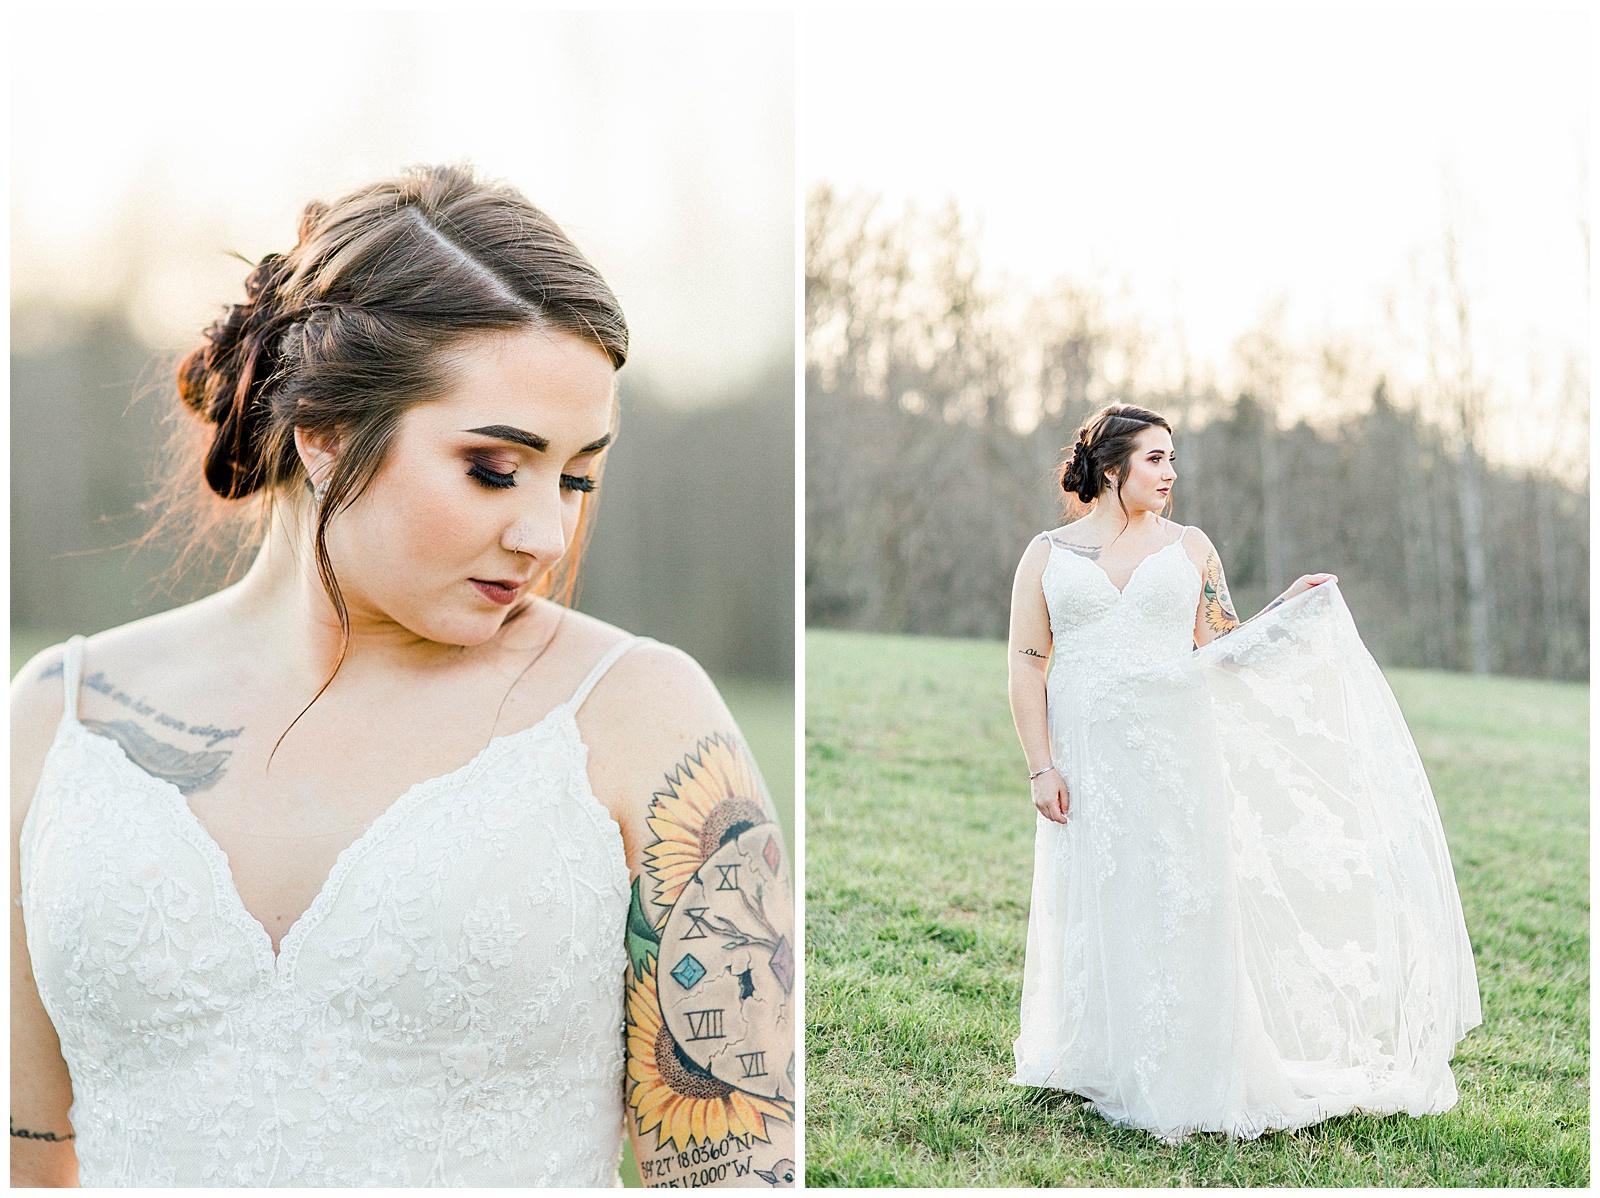 Lewis-Kara-Blakeman-Photography-Huntington-West-Virginia-Wedding-Barn-Olde-Homestead-32